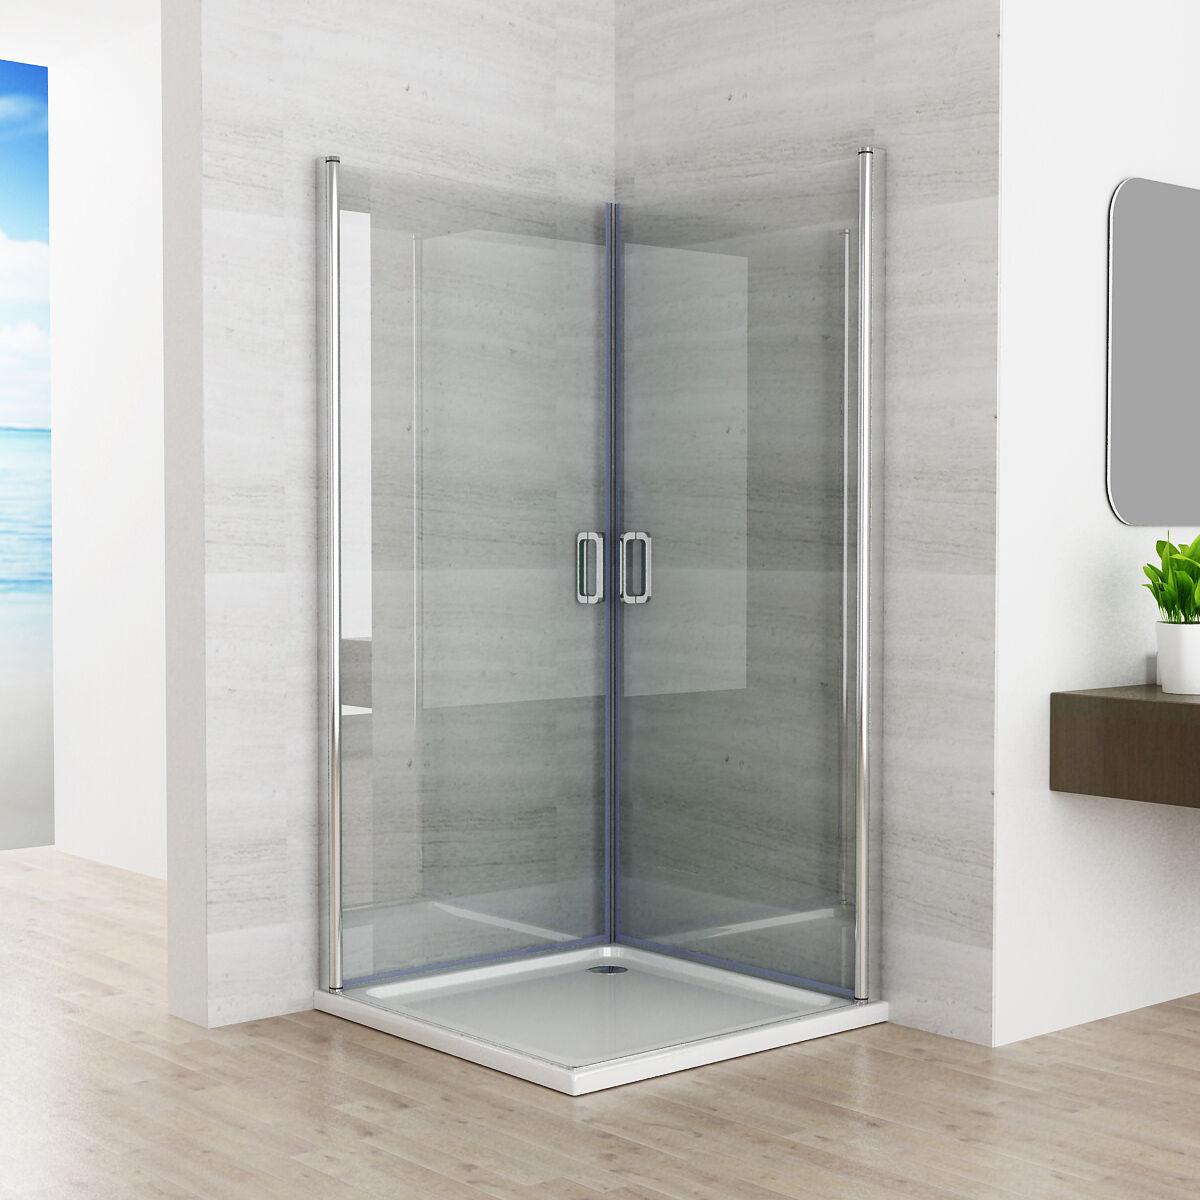 90 x 90 cm duschkabine duschwand 180 eckeinstieg schwingt r dusche nano 195cm z 9245752245861. Black Bedroom Furniture Sets. Home Design Ideas